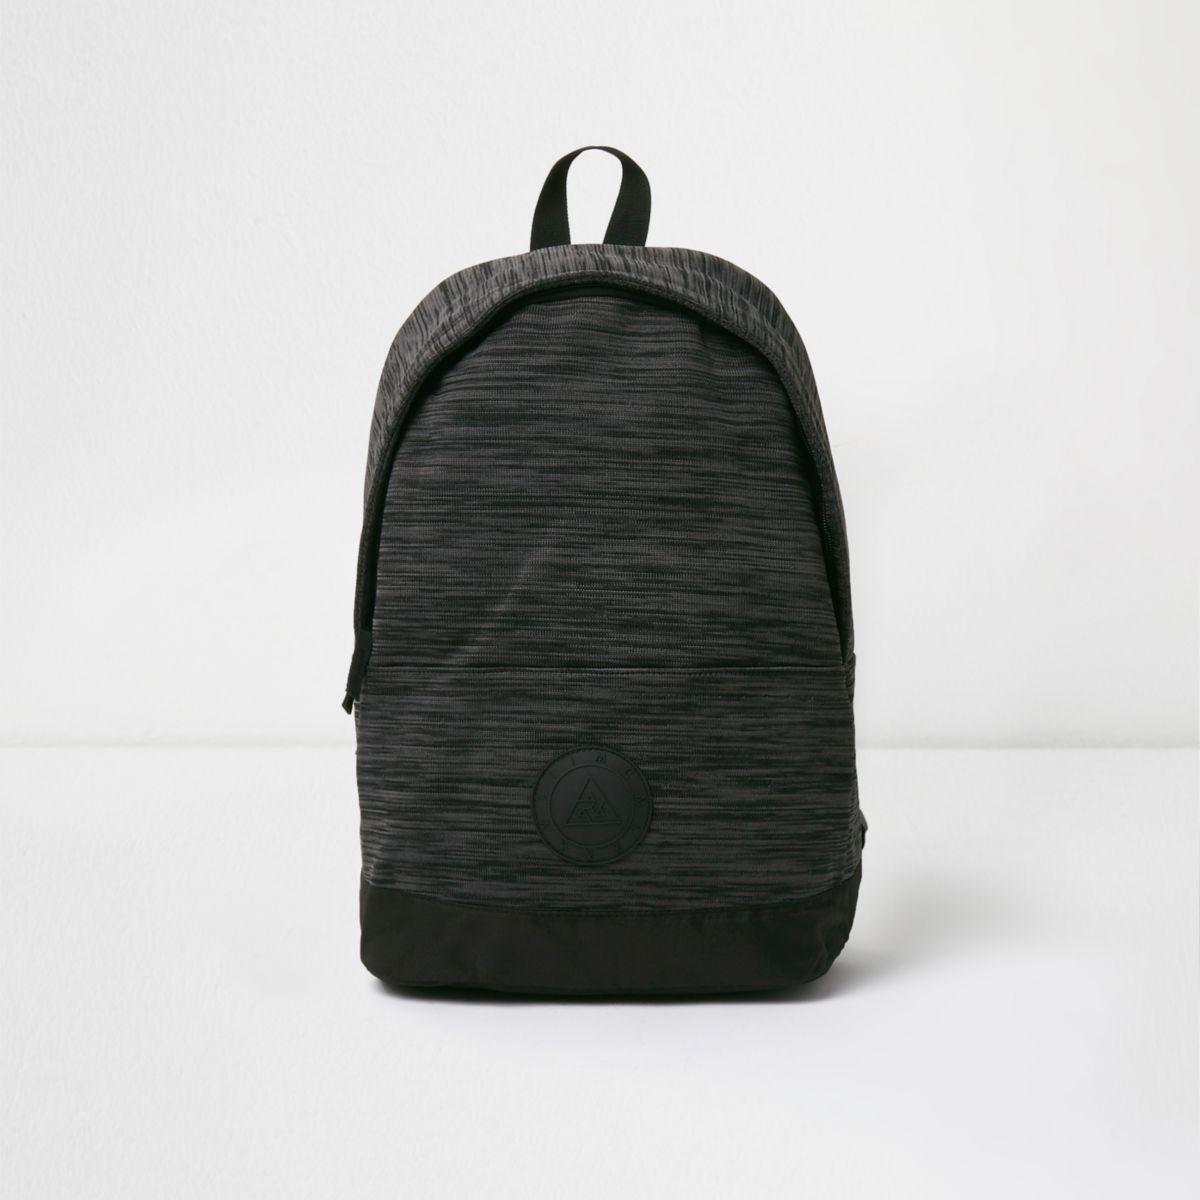 Schwarze, spaciger Strickrucksack